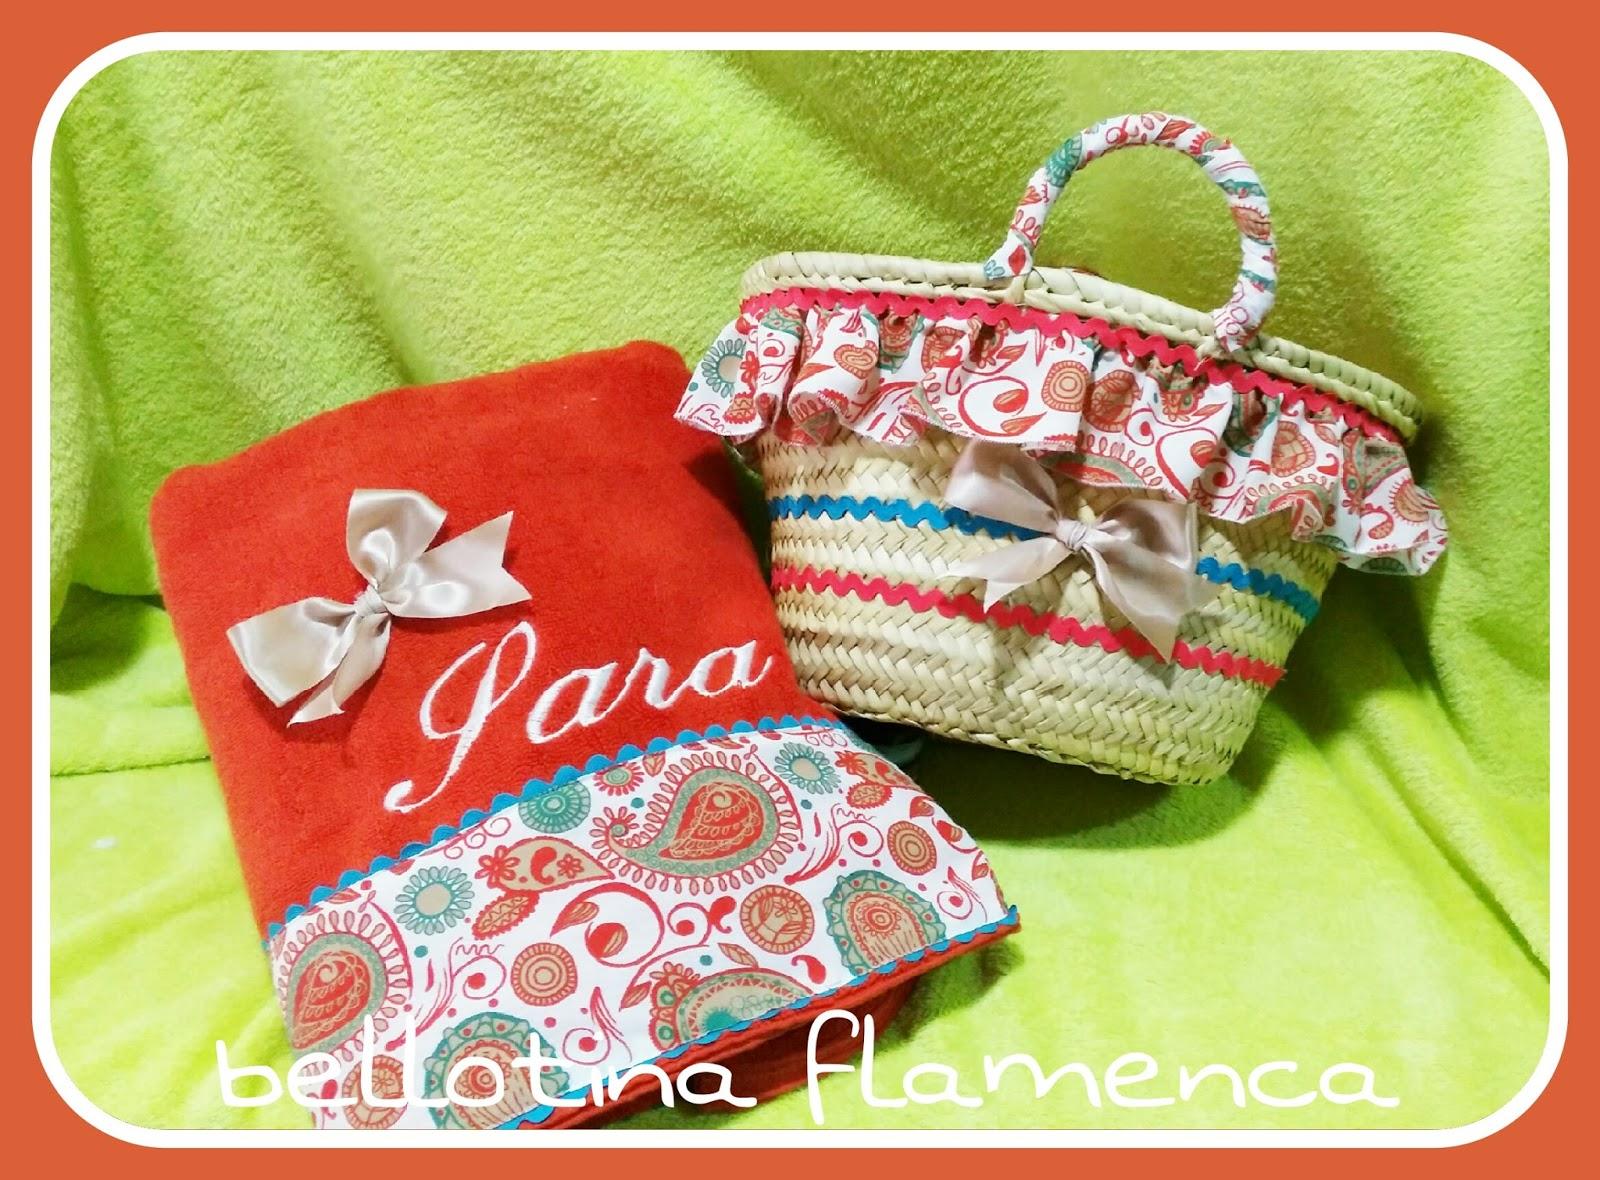 Bellotina flamenca cestas y toallas personalizadas - Cestas de playa personalizadas ...